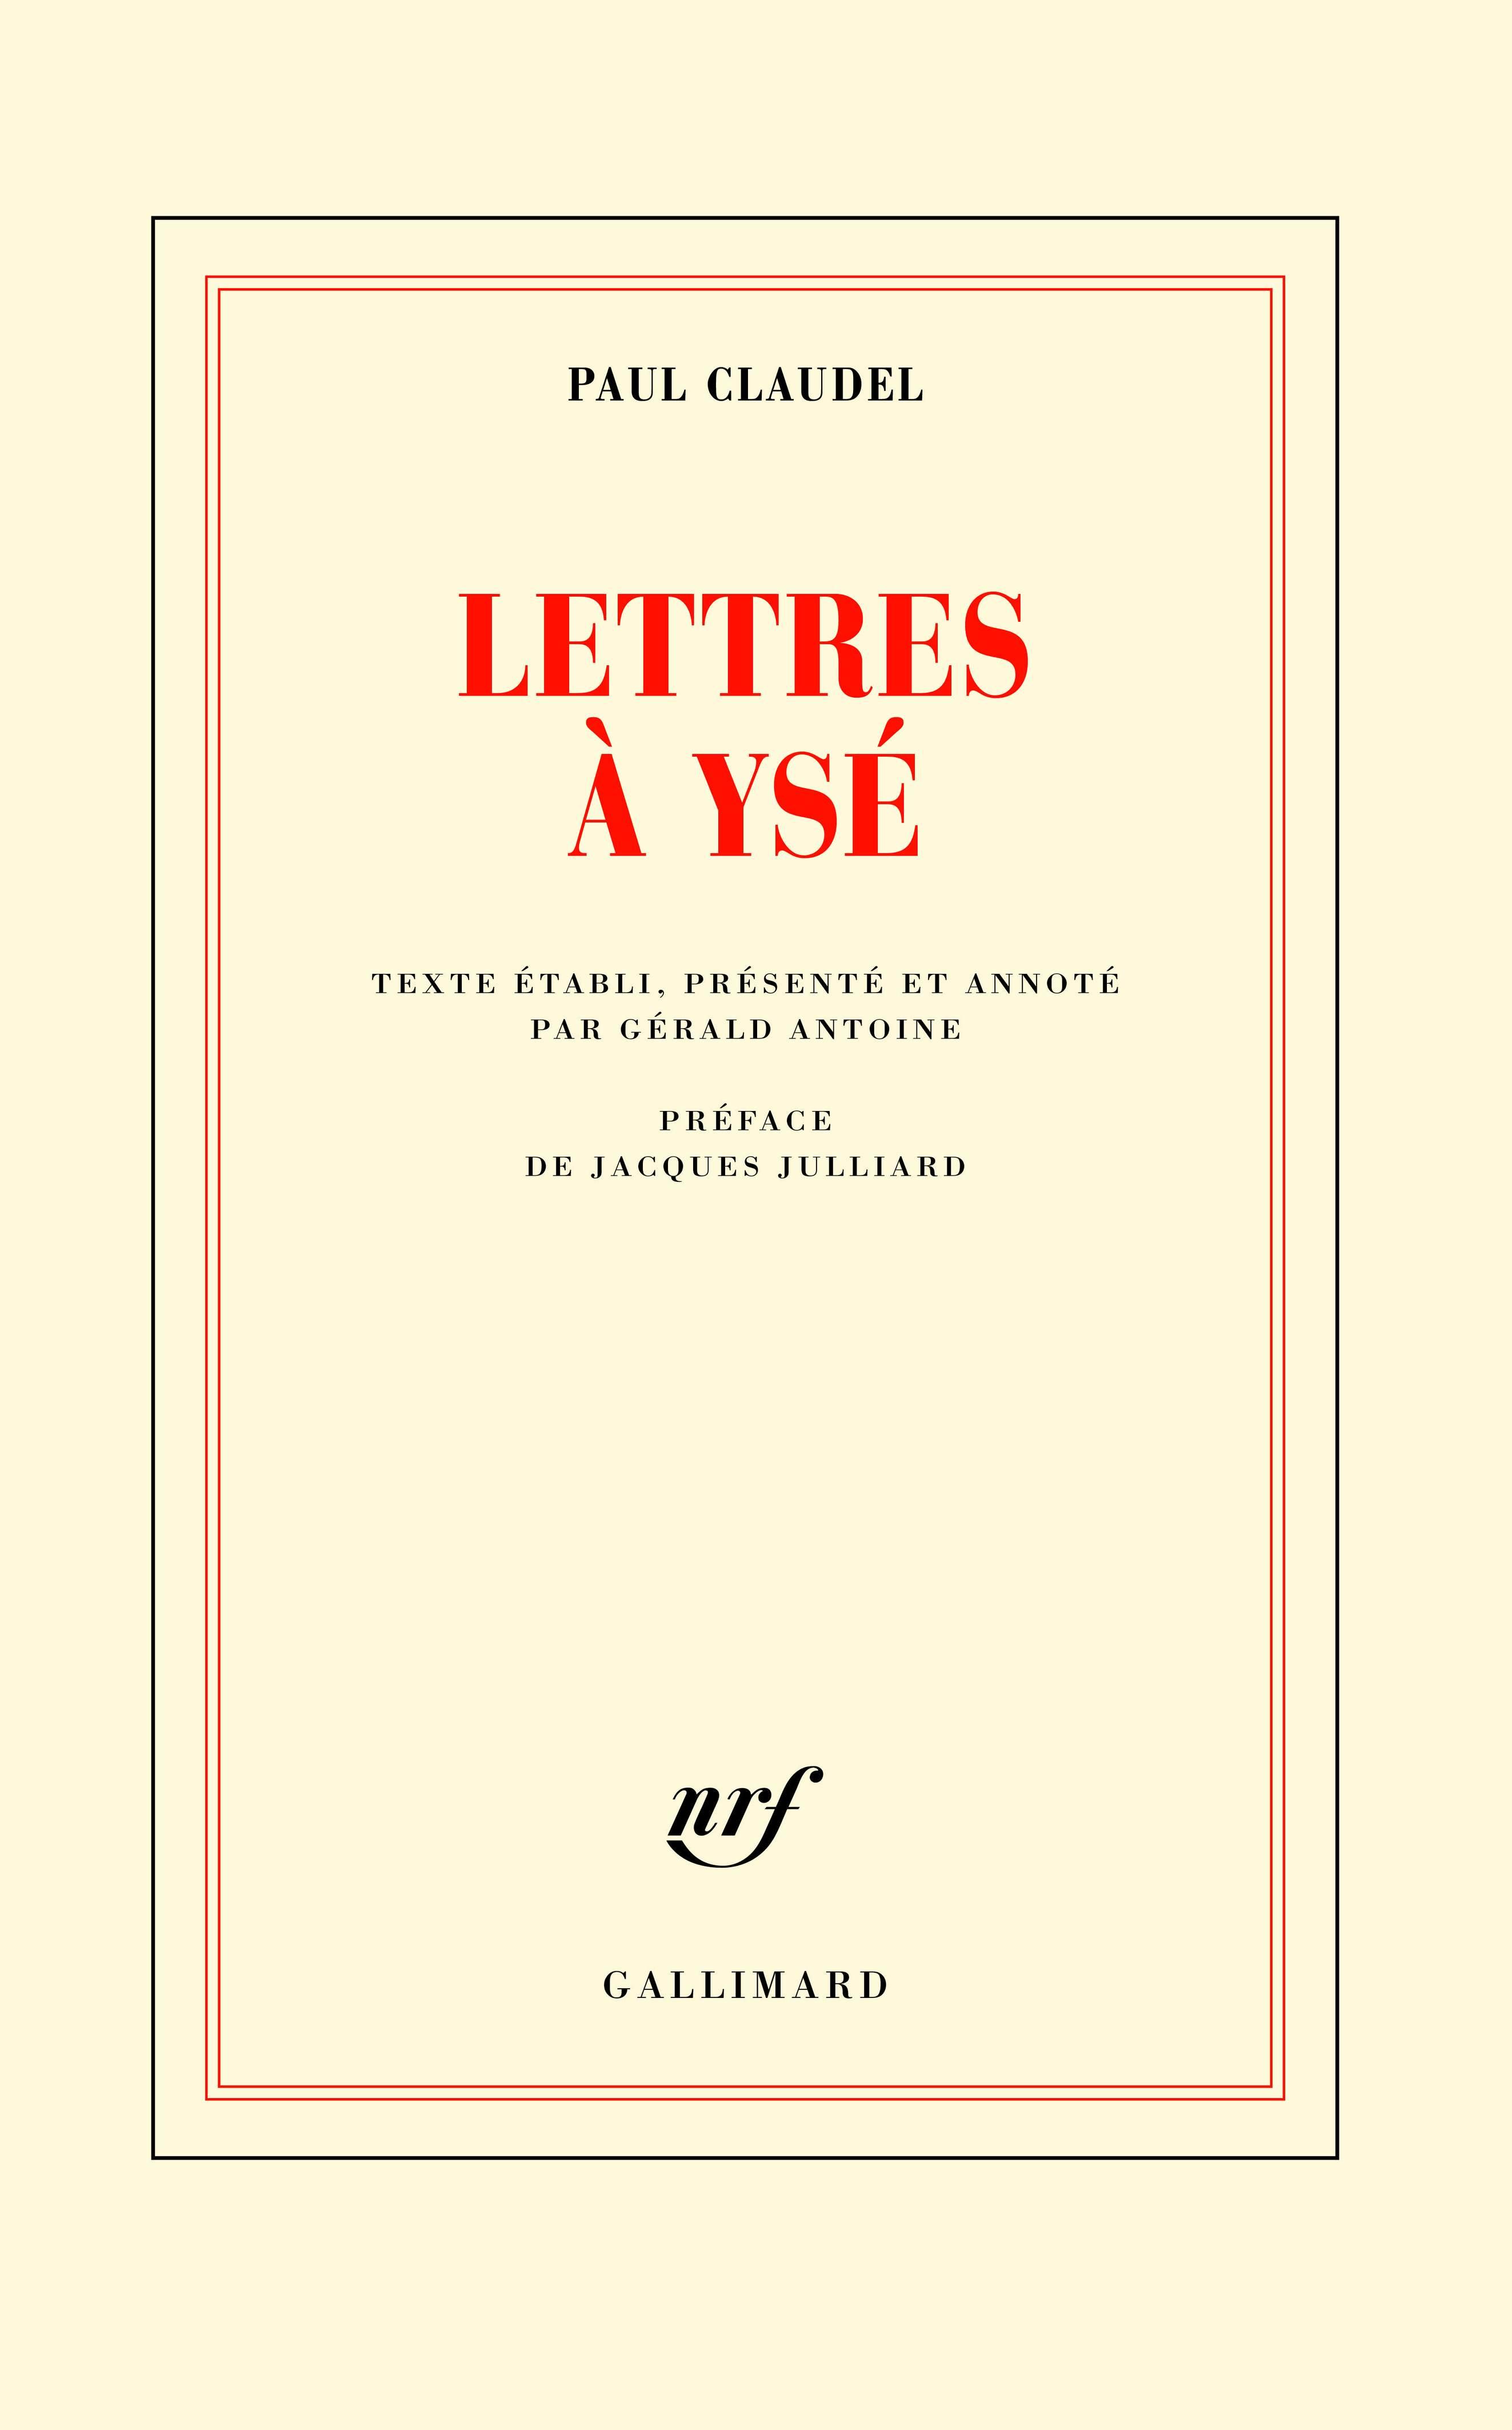 P. Claudel, Lettres à Ysé